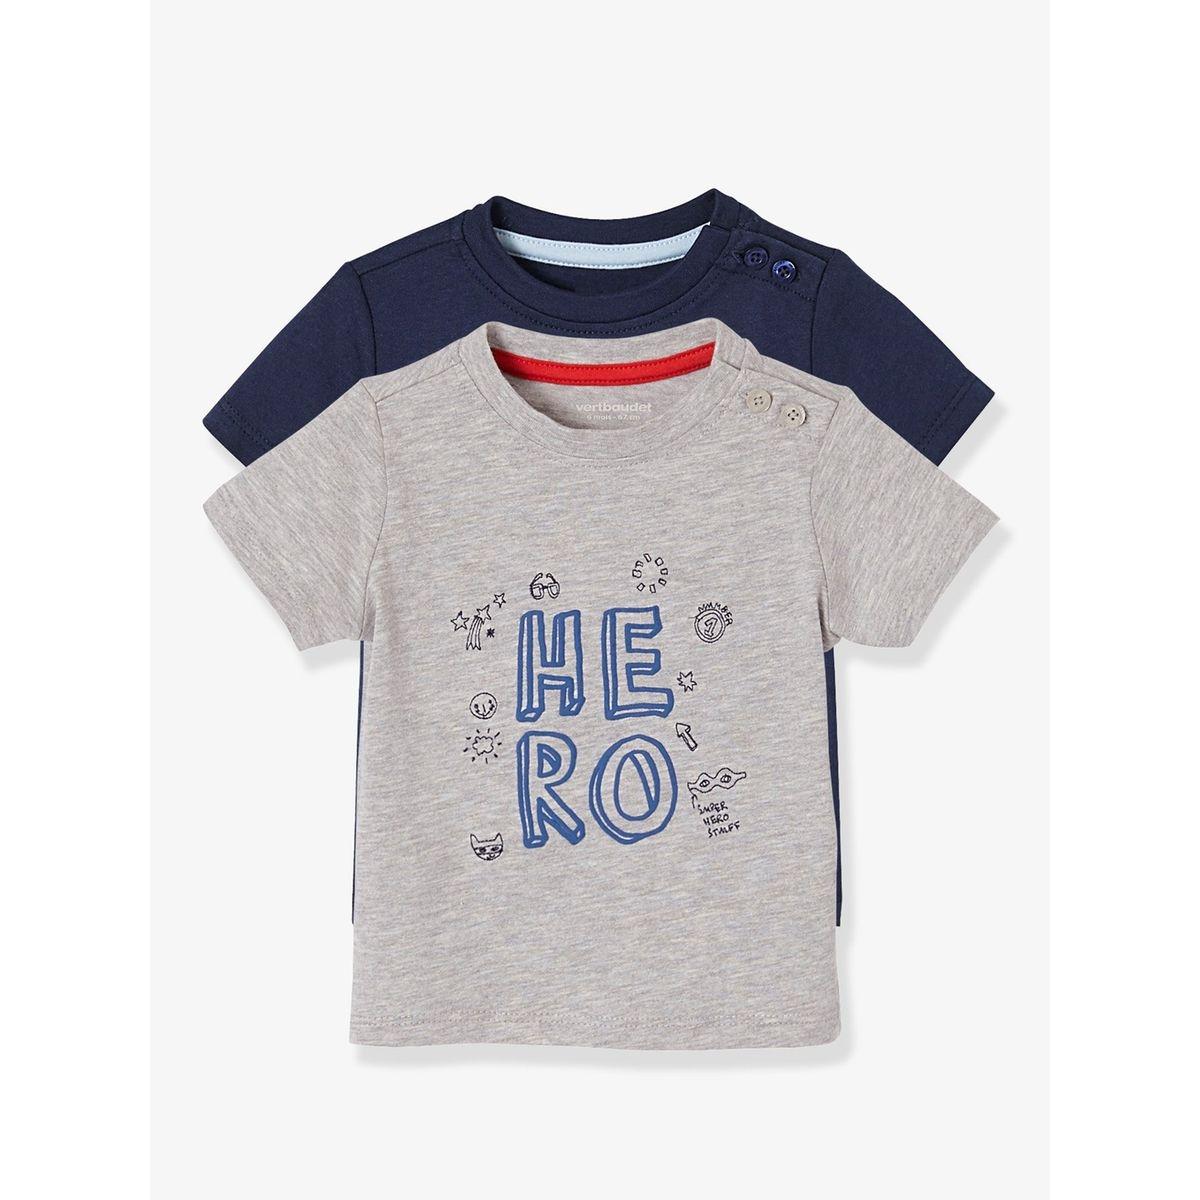 Lot de 2 T-shirts bébé garçon motif HERO